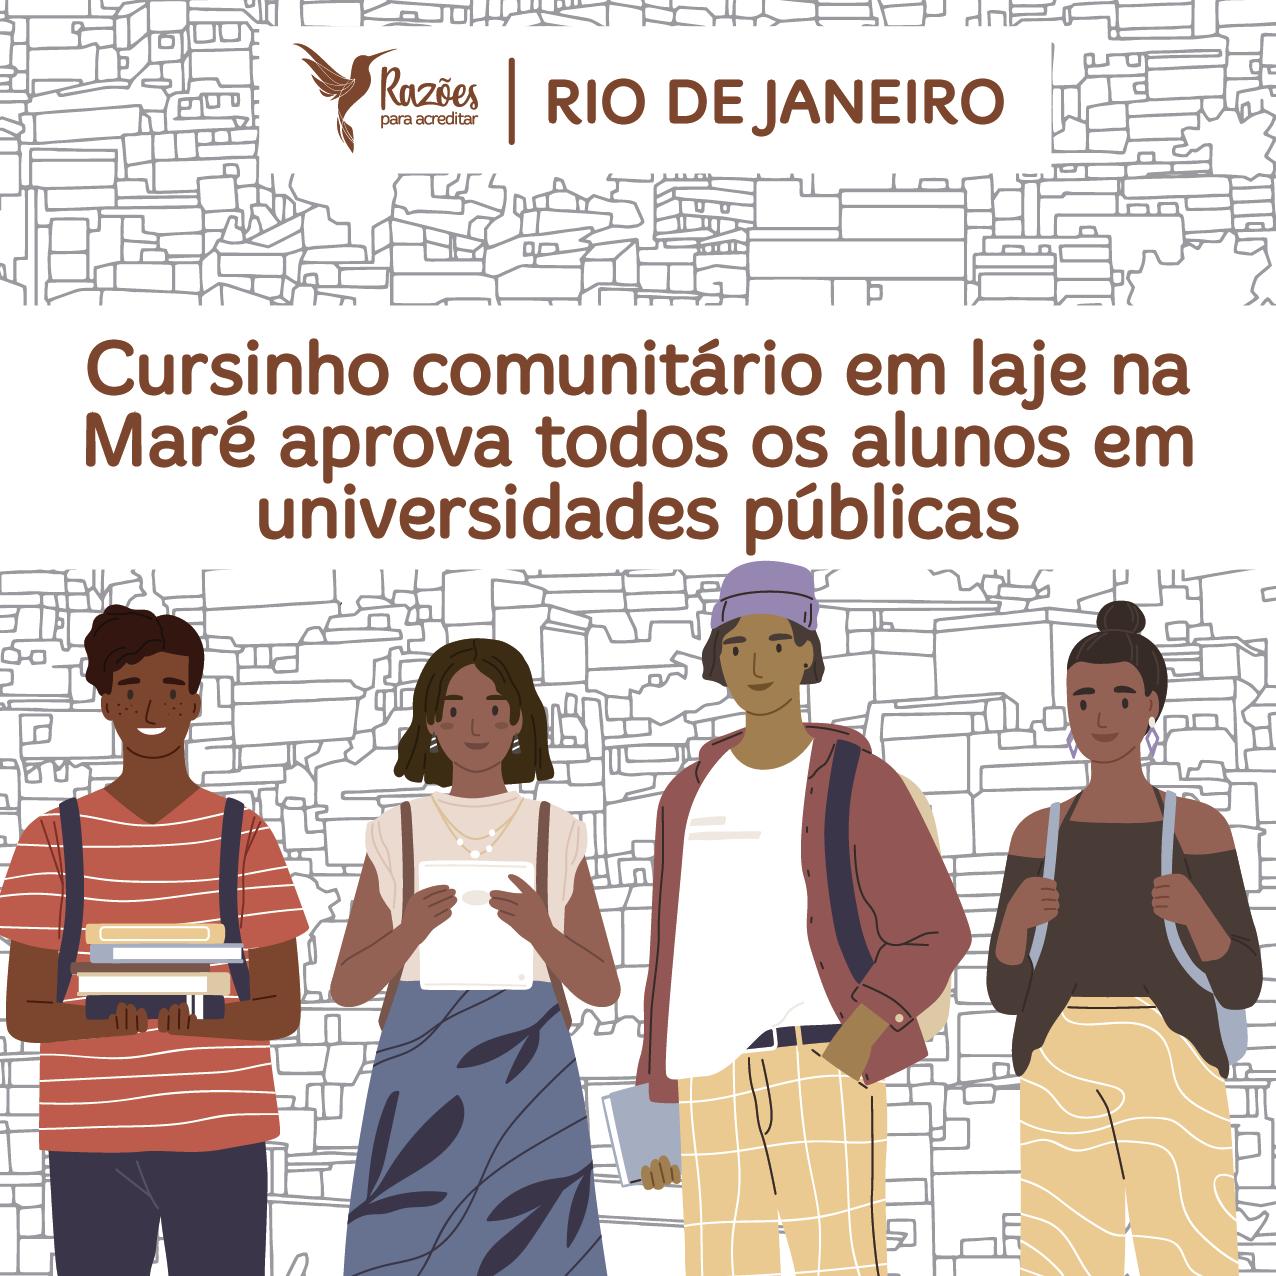 boas notícias ilustrações razões para acreditar - Rio de Janeiro